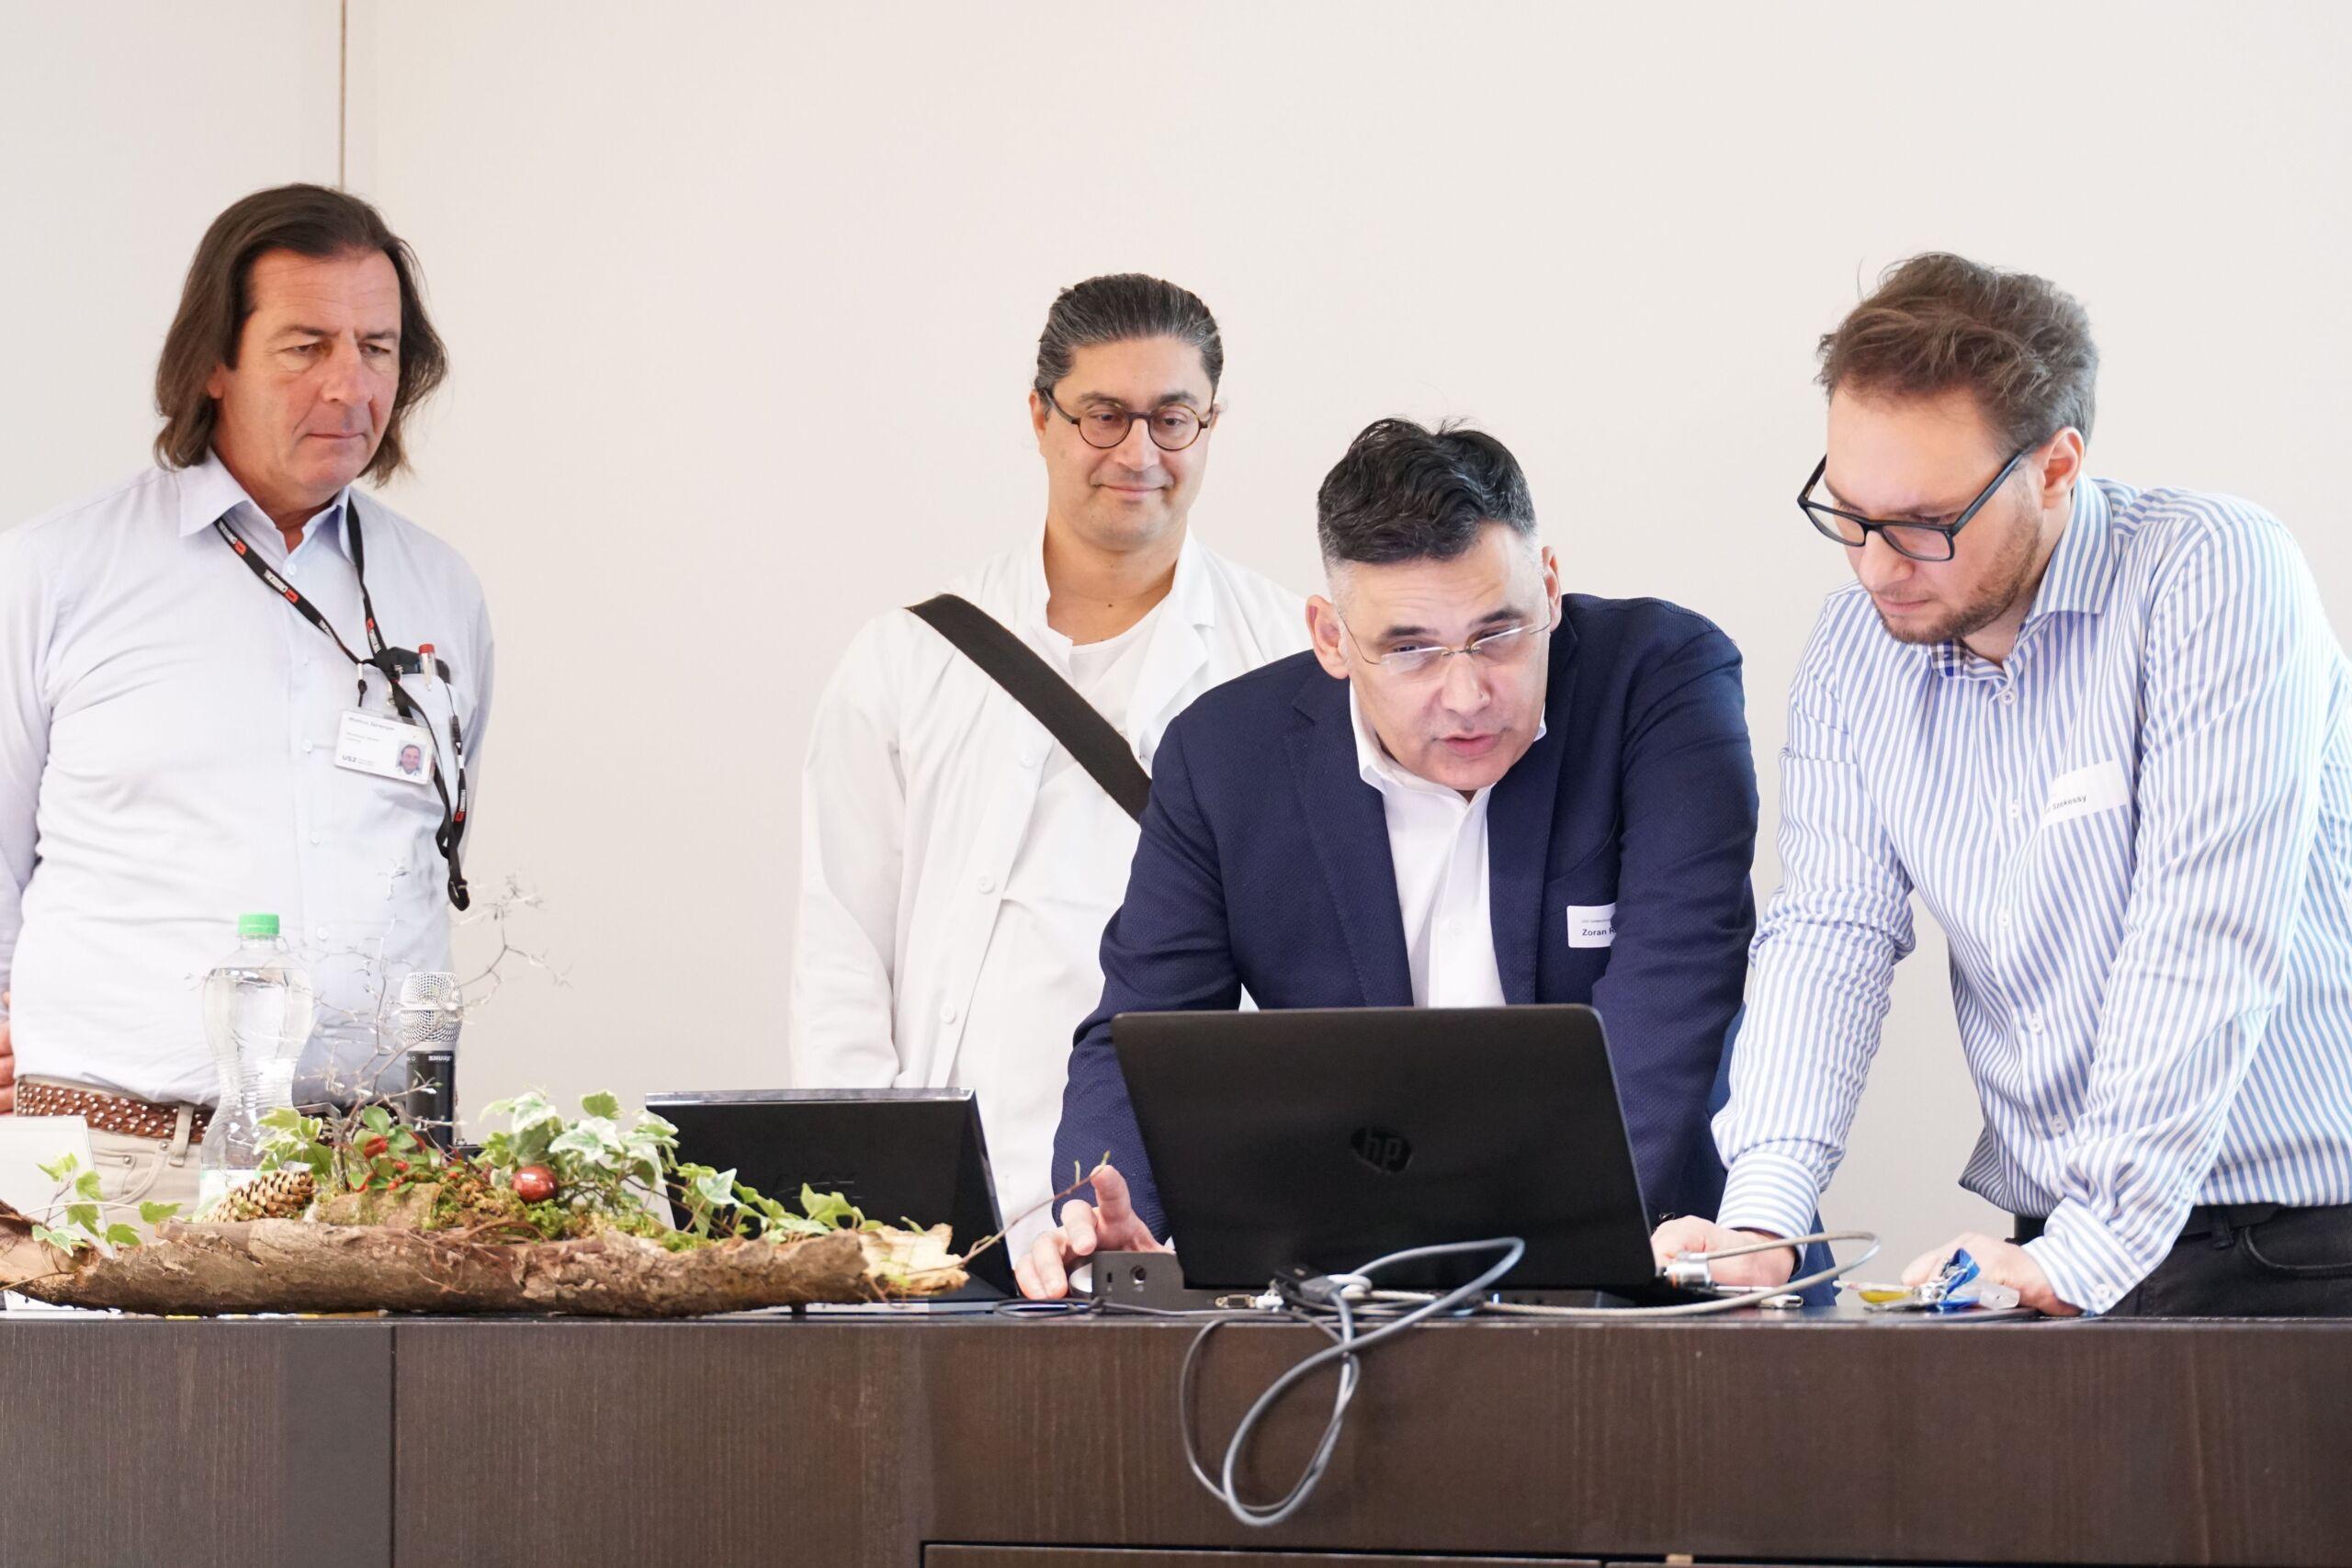 Vier Männer schauen auf einen Laptop